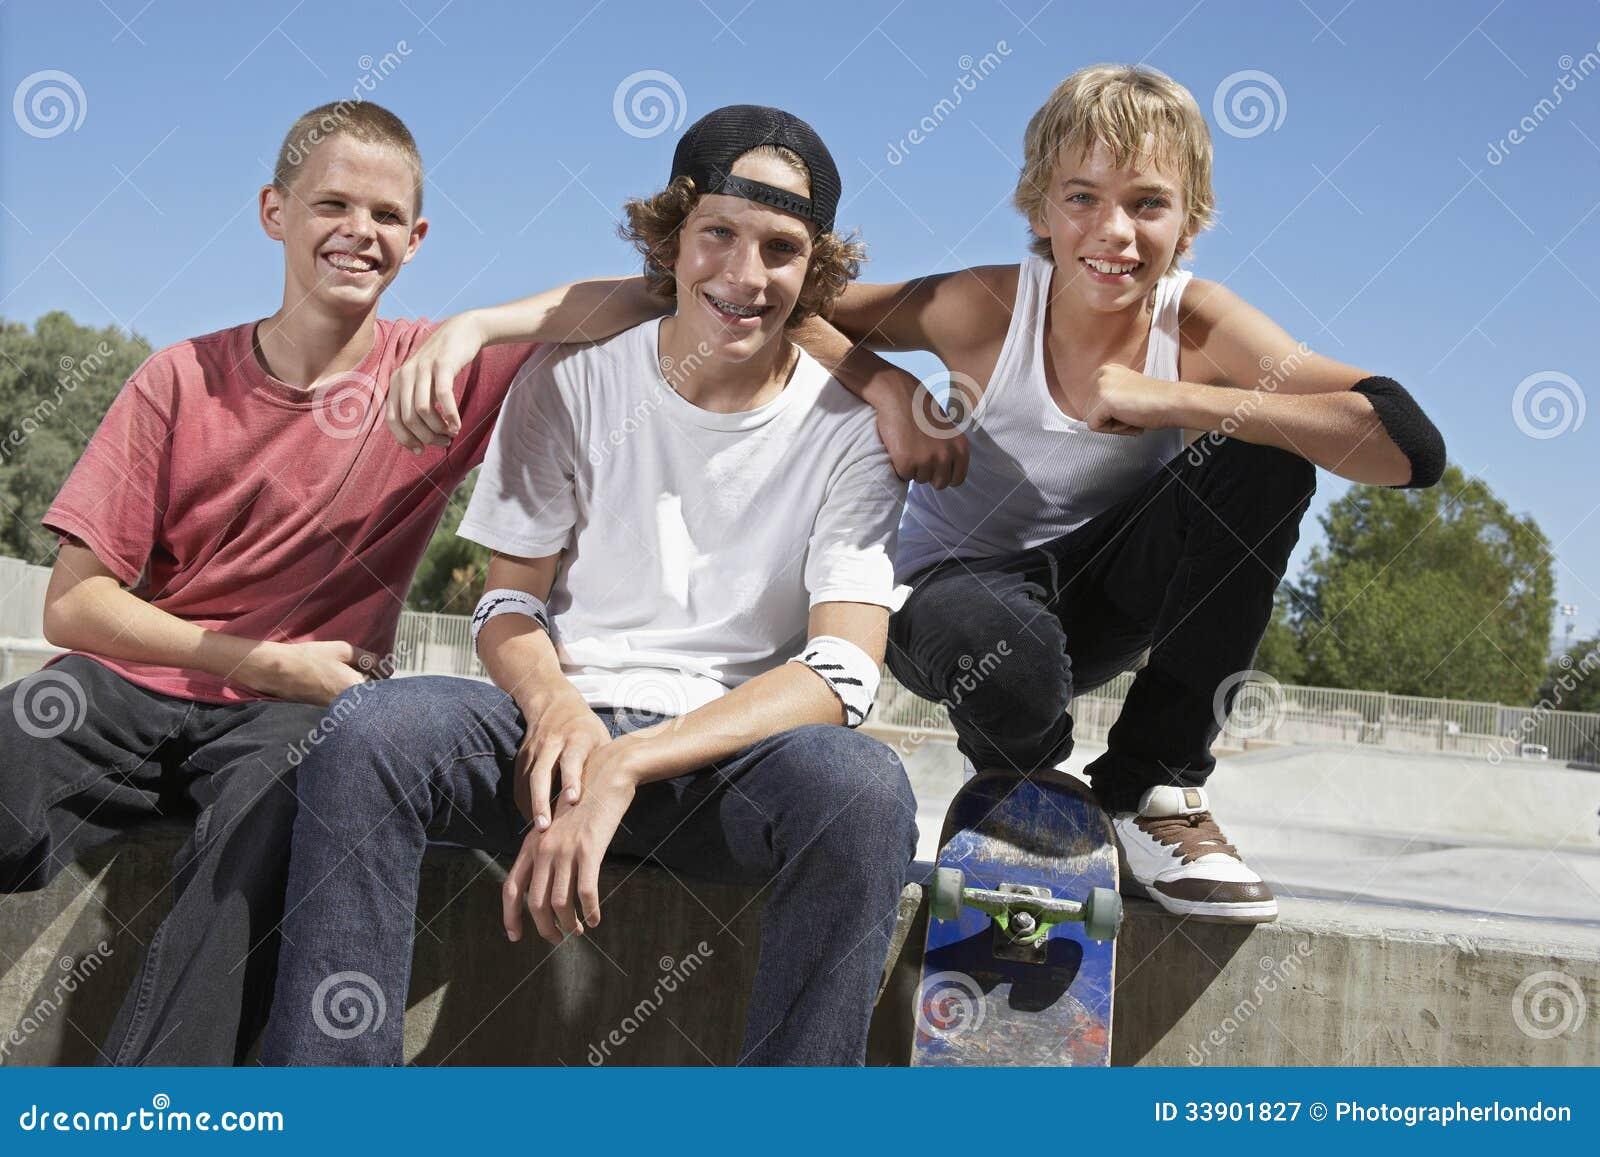 Z Boys Skateboard  eBay